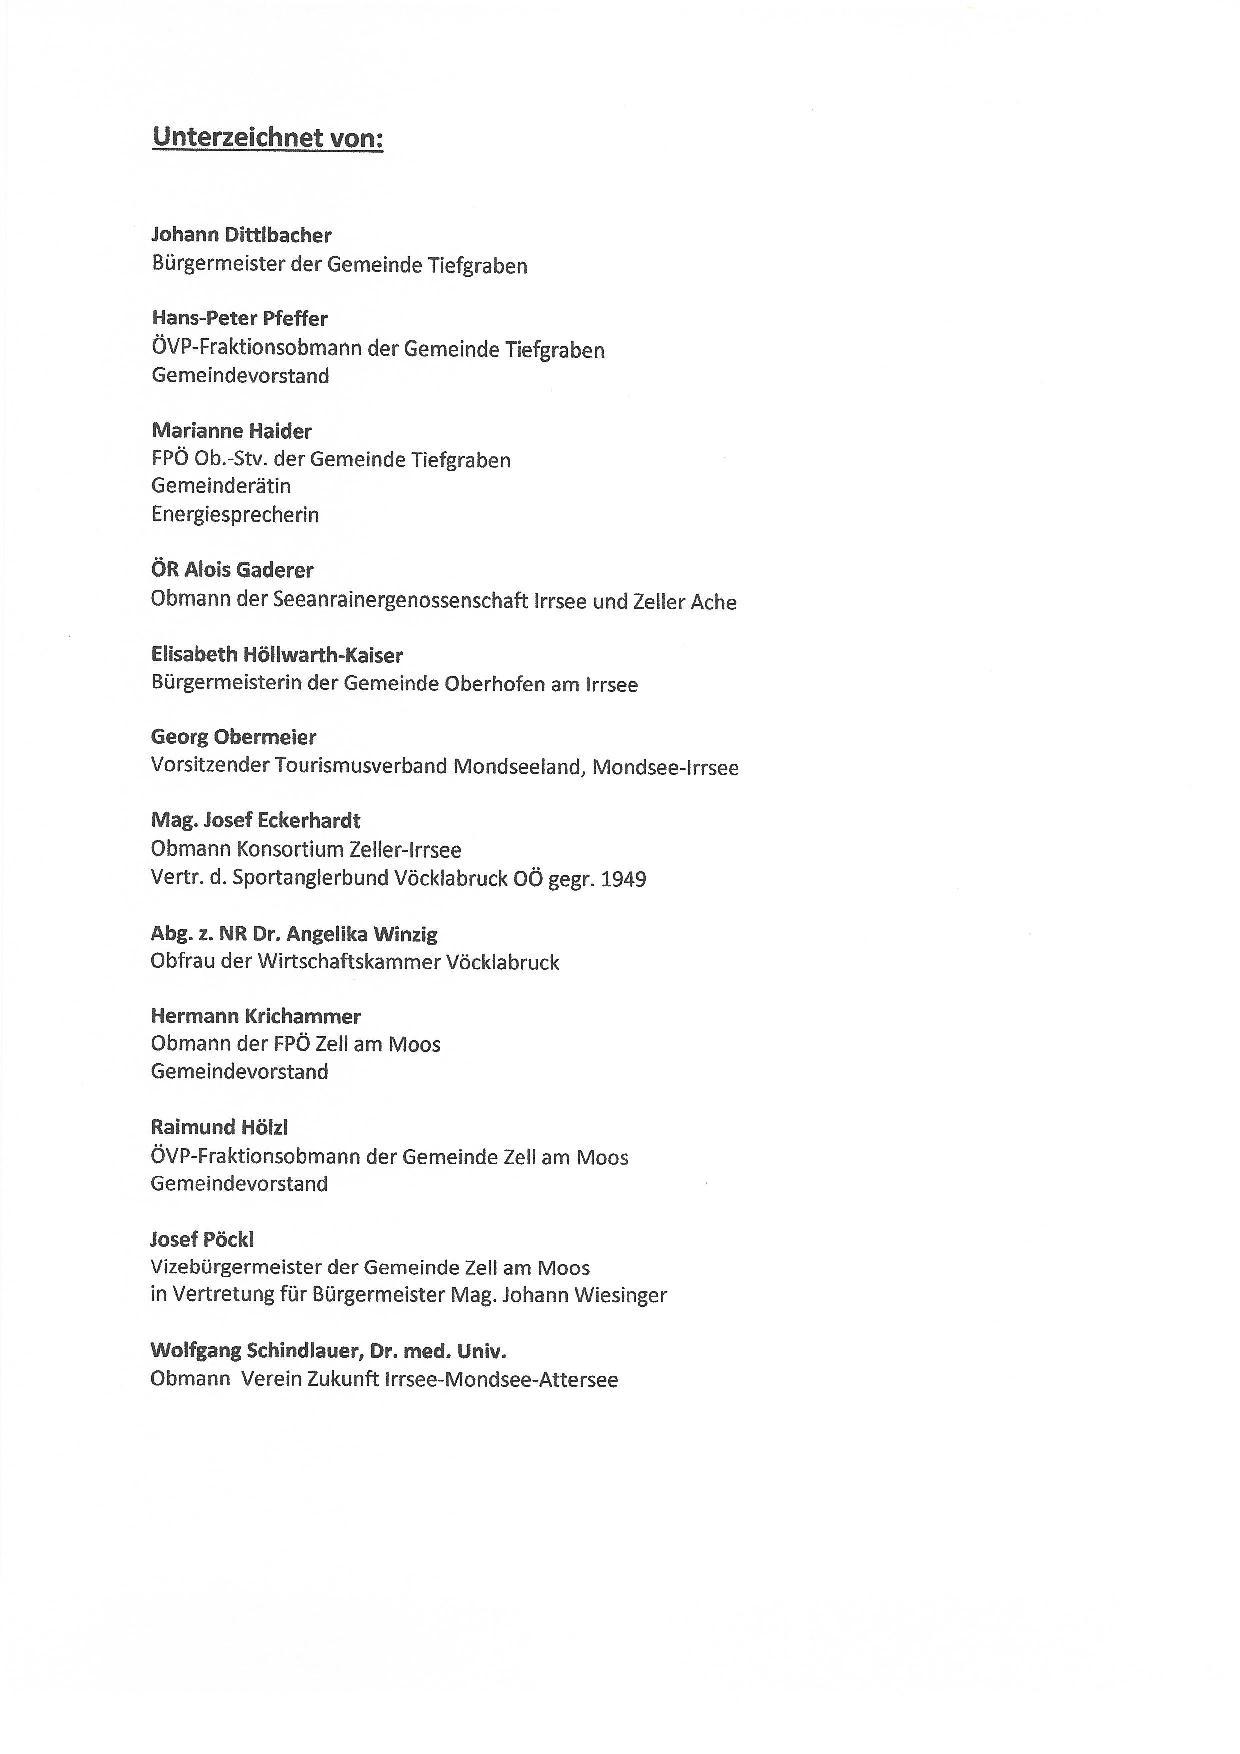 Schreiben an Bundesforste für 14Jänner Original-page-002